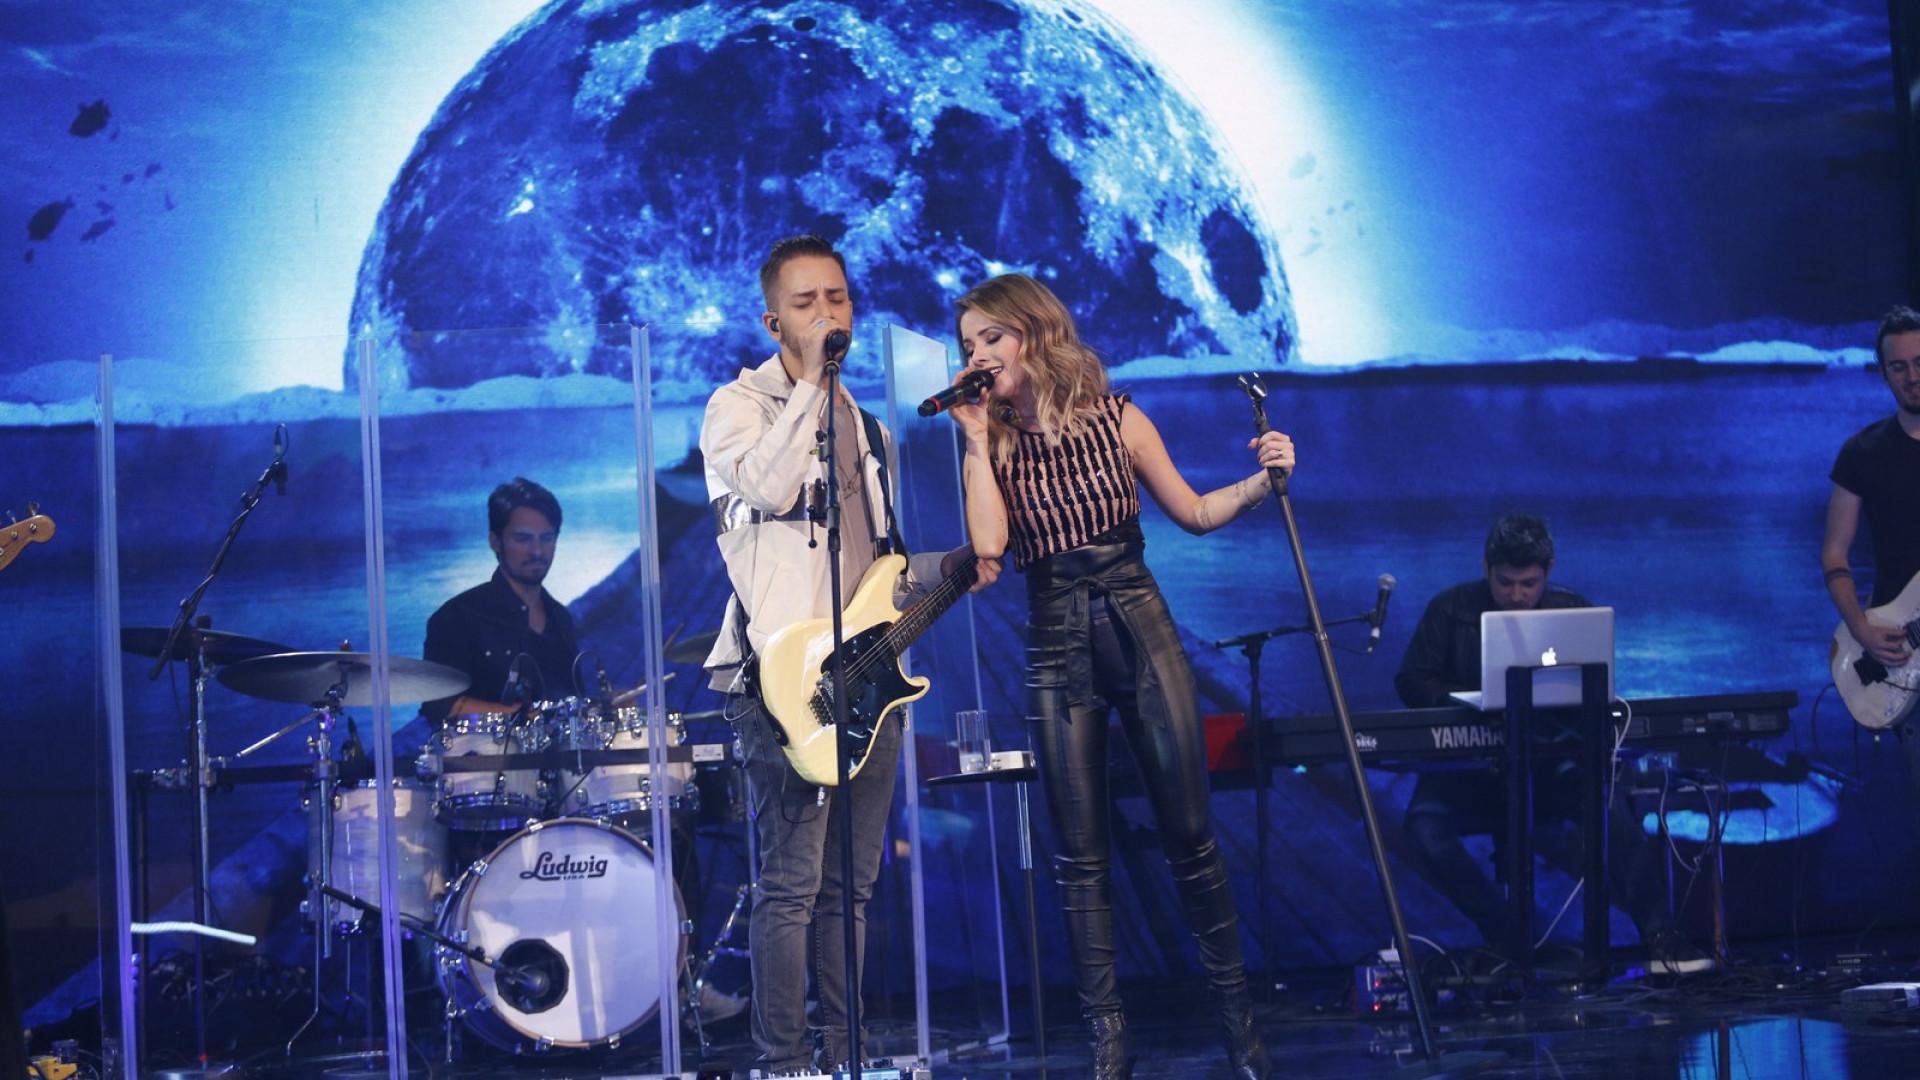 Sandy e Junior anunciam mais dois shows em São Paulo